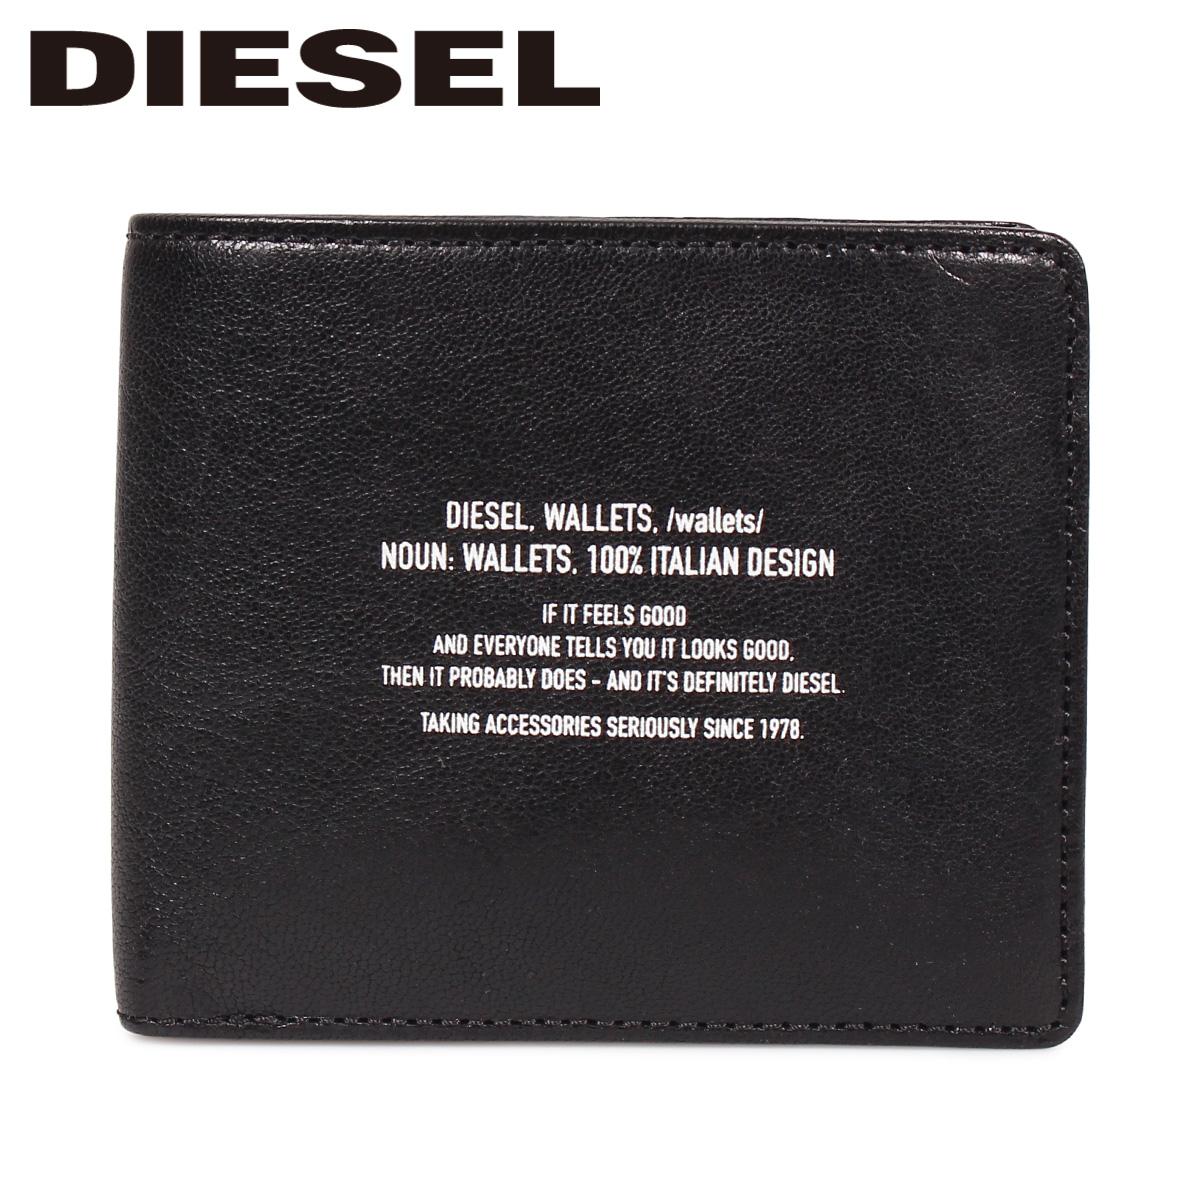 DIESEL ディーゼル 財布 二つ折り メンズ 本革 BANDER HIRESH S ブラック 黒 X06295 PS142